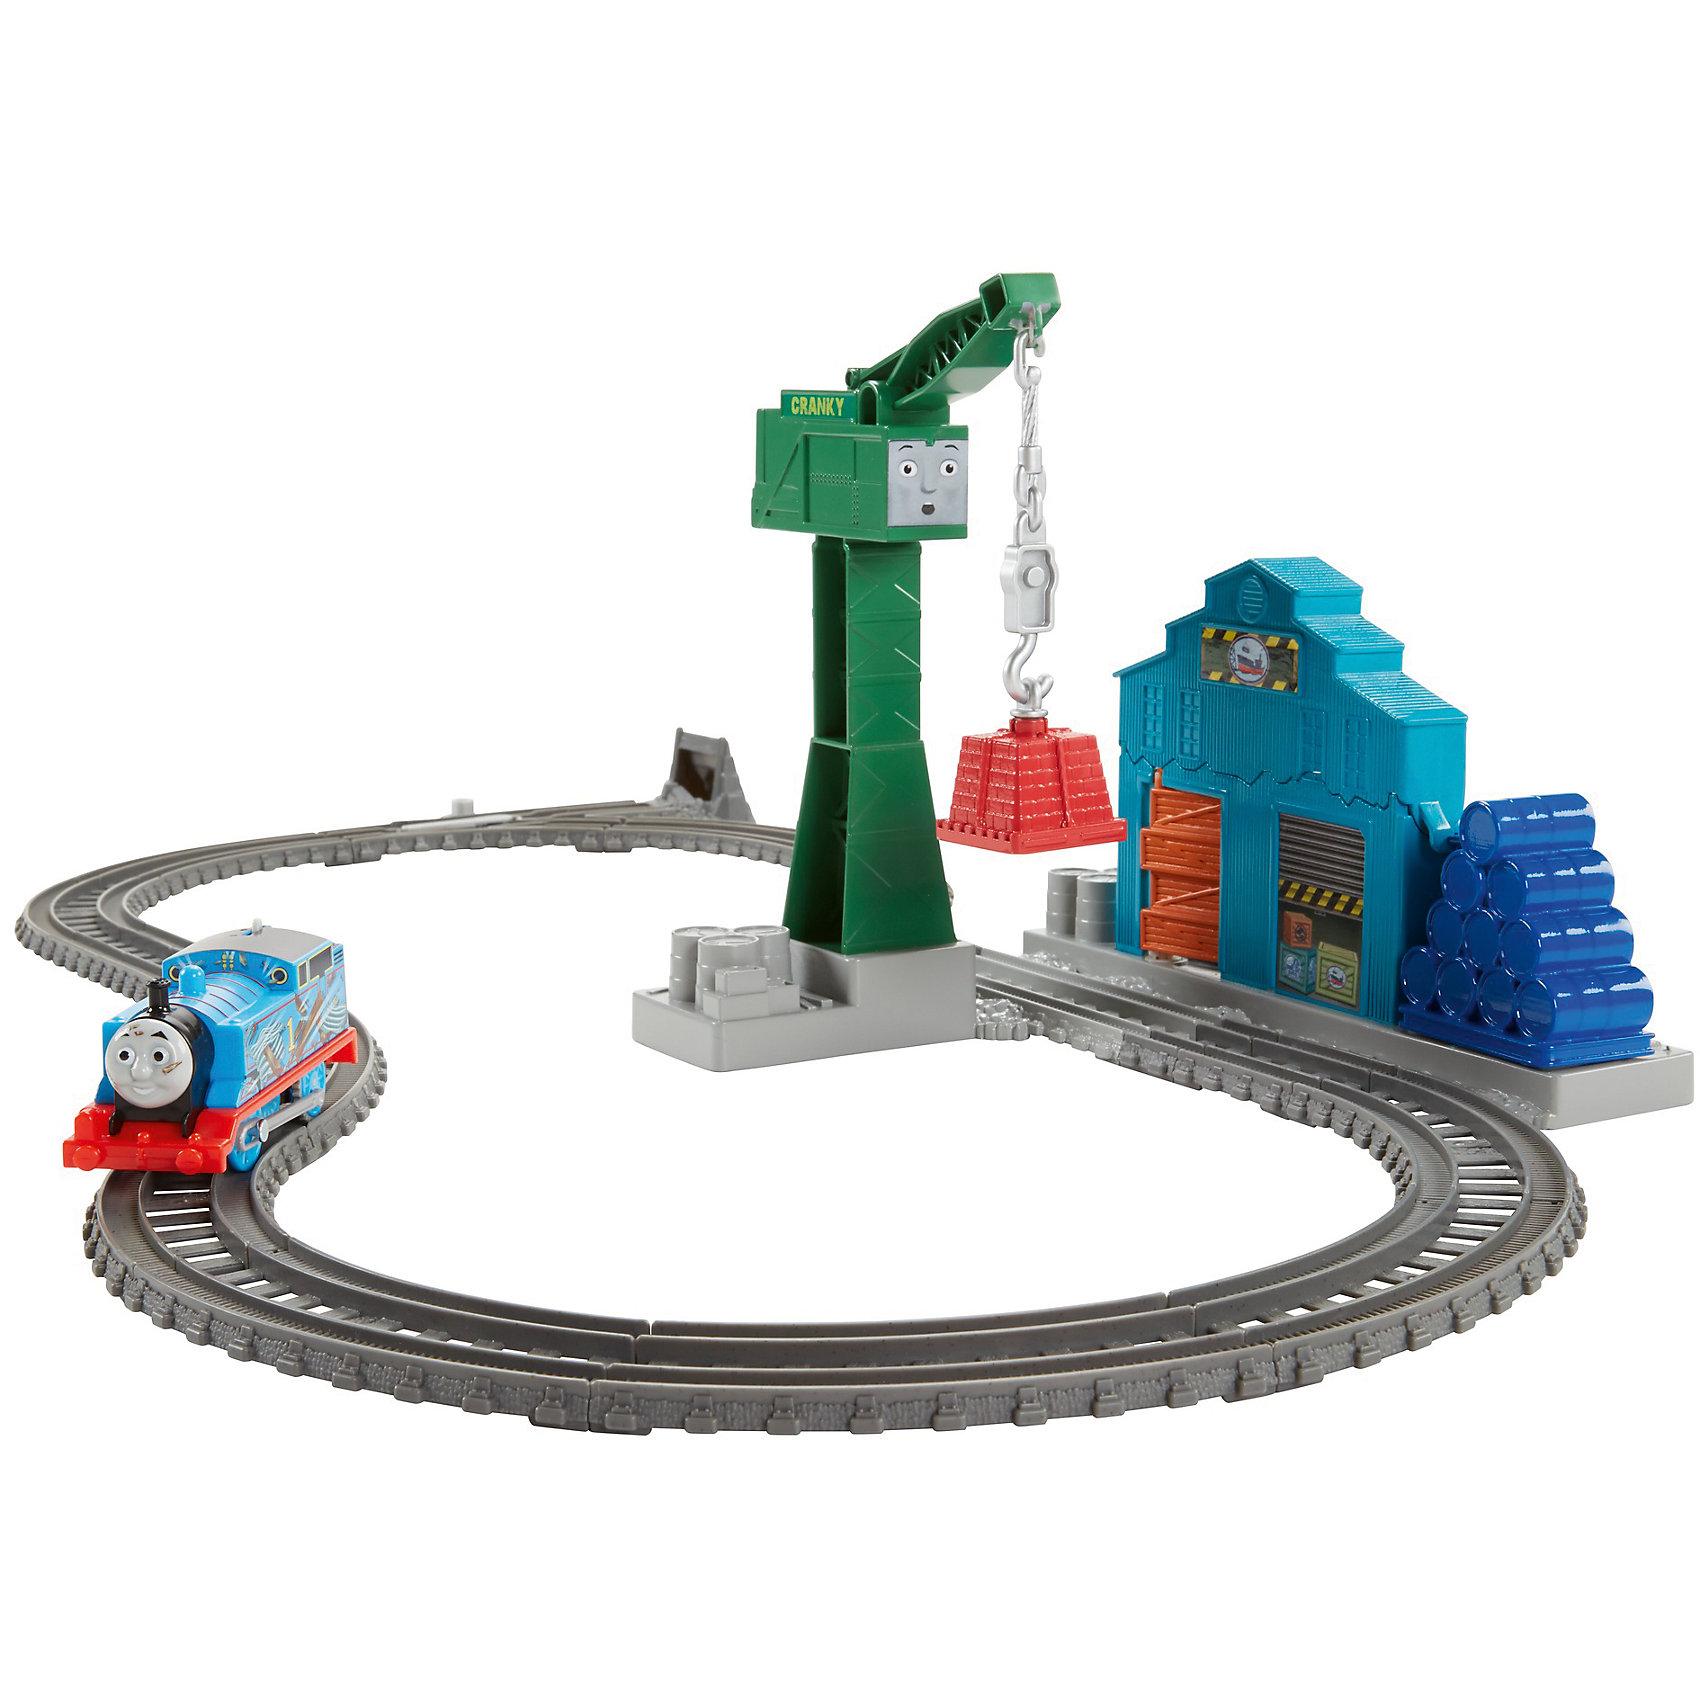 Набор с паровозиком Томасом и подъемным краном Крэнки, Томас и его друзьяТомас и его друзья<br>Набор с паровозиком Томасом и подъемным краном Крэнки, Томас и его друзья.<br><br>Характеристики:<br><br>• В наборе: элементы железной дороги, моторизированный паровозик Томас, подъемный кран Крэнки, здание склада<br>• Материал: пластик<br>• Длина паровозика: 12 см.<br>• Батарейки: 2 типа ААА 1,5V (в комплект не входят)<br>• Упаковка: картонная коробка<br>• Размер упаковки: 36х27х8 см.<br><br>С набором железной дороги Томас и его друзья вашему ребенку предстоит снести здание склада! Пока моторизированный паровозик Томас едет по дороге, ребенок может направить груз, висящий на крюке Крэнки, прямо в здание склада. Склад развалится на части! <br><br>А Томас проедет прямо сквозь развалины. Все элементы набора выполнены из высококачественного пластика и покрыты нетоксичными красками. Набор можно объединить с другими наборами серии Trackmaster, чтобы построить большую железную дорогу!<br><br>Набор с паровозиком Томасом и подъемным краном Крэнки, Томас и его друзья можно купить в нашем интернет-магазине.<br><br>Ширина мм: 360<br>Глубина мм: 80<br>Высота мм: 270<br>Вес г: 865<br>Возраст от месяцев: 36<br>Возраст до месяцев: 120<br>Пол: Мужской<br>Возраст: Детский<br>SKU: 5378277